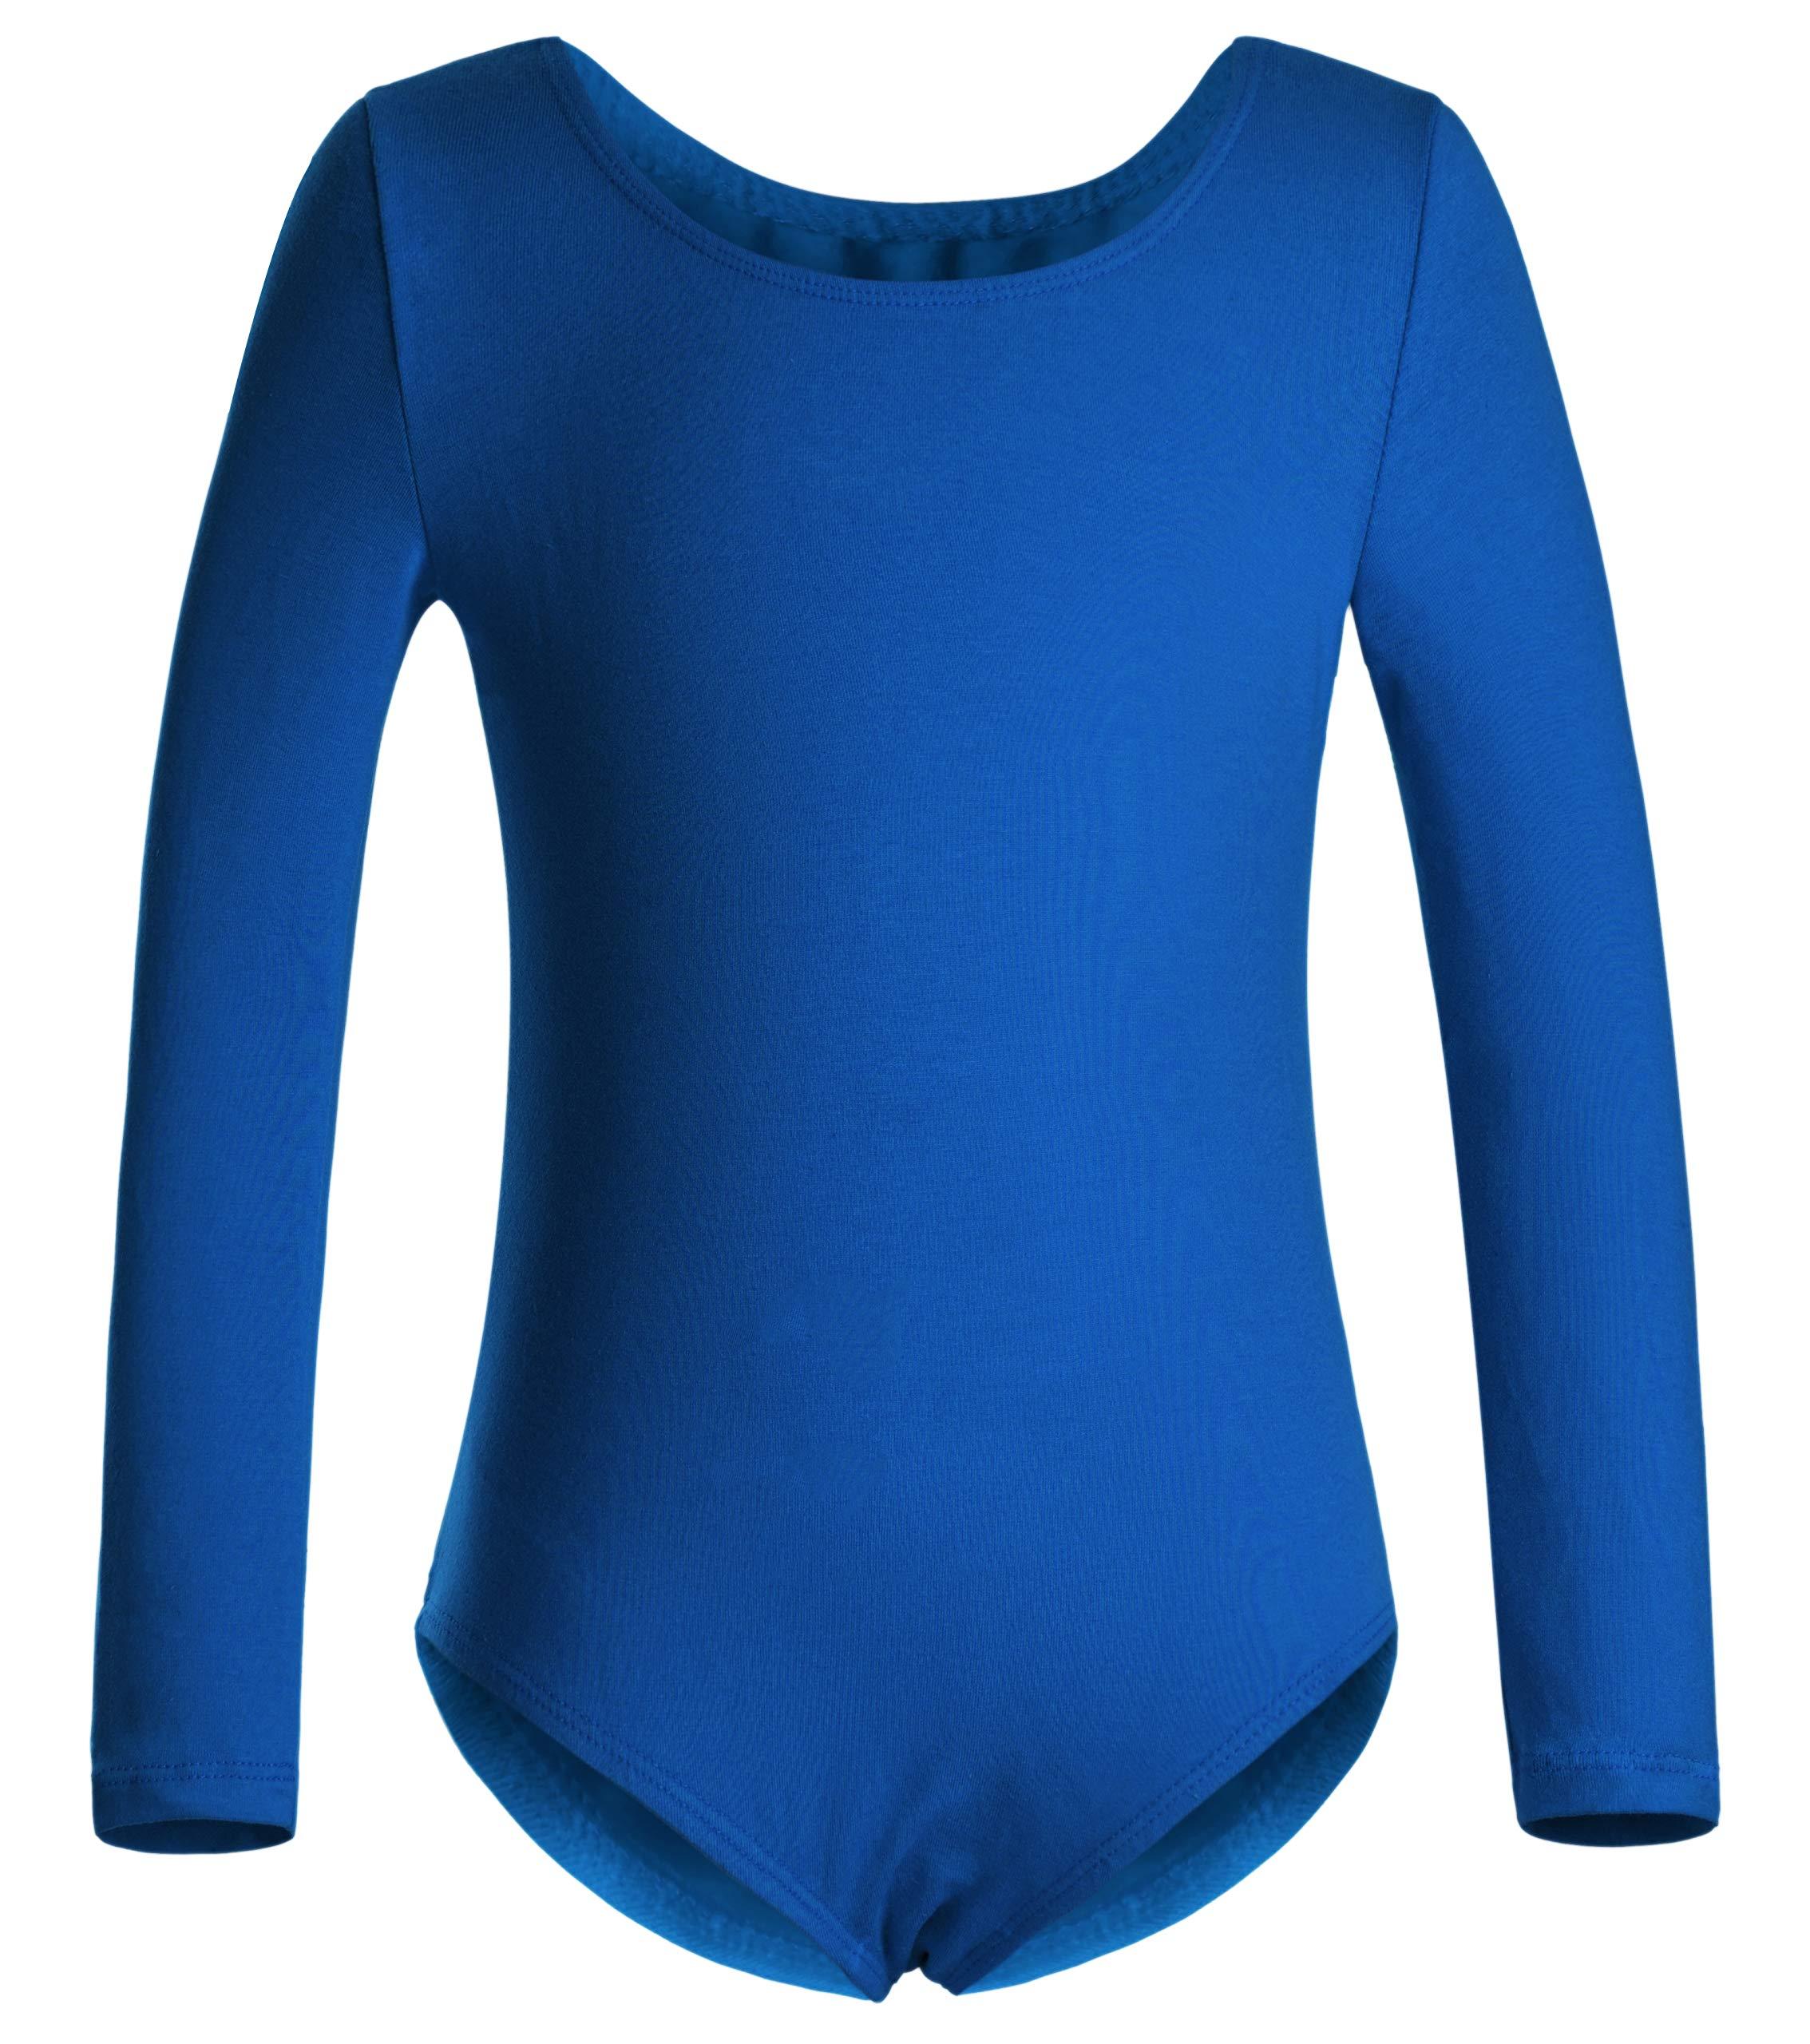 DANSHOW Girls' Team Basic Long Sleeve Leotard for